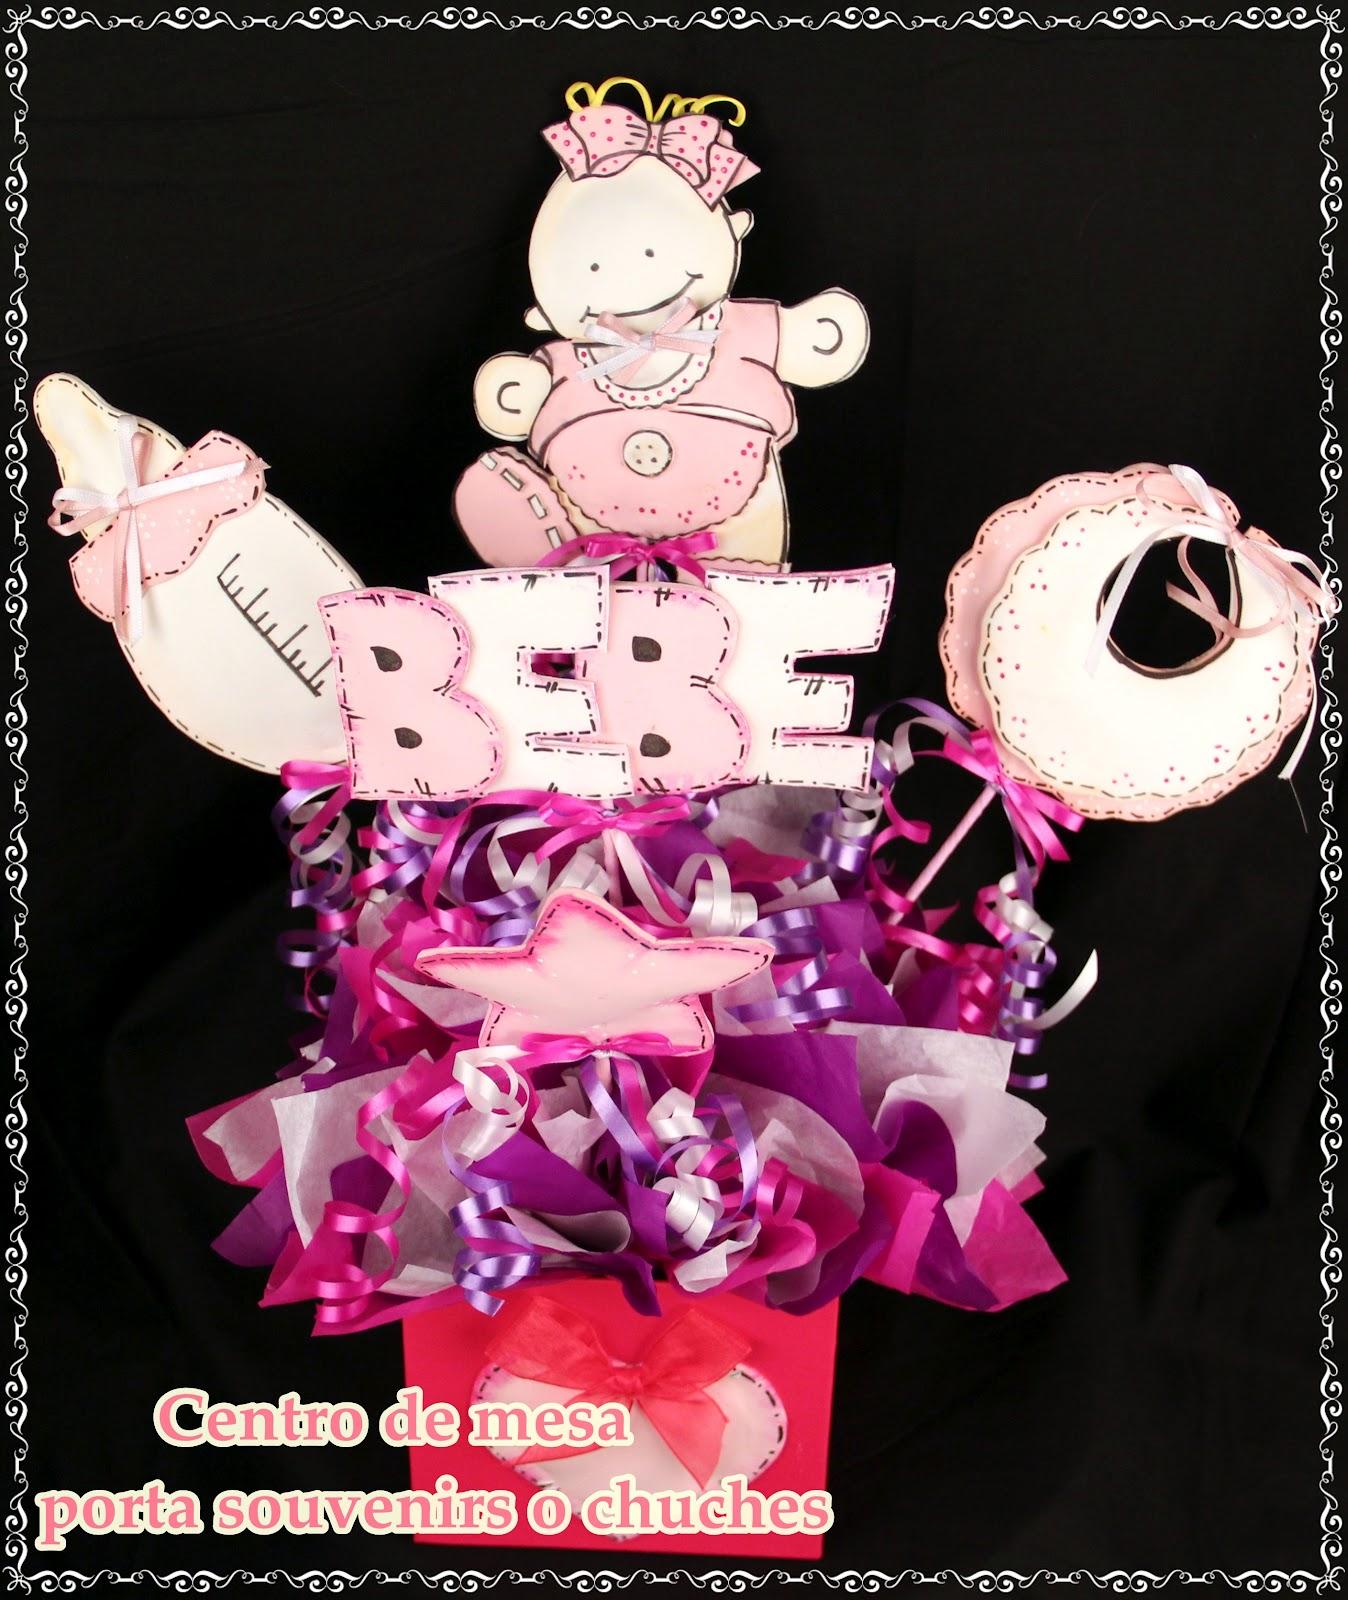 Manualidades y decoracion de fiestas decoracion para bebes - Manualidades decoracion bebe ...